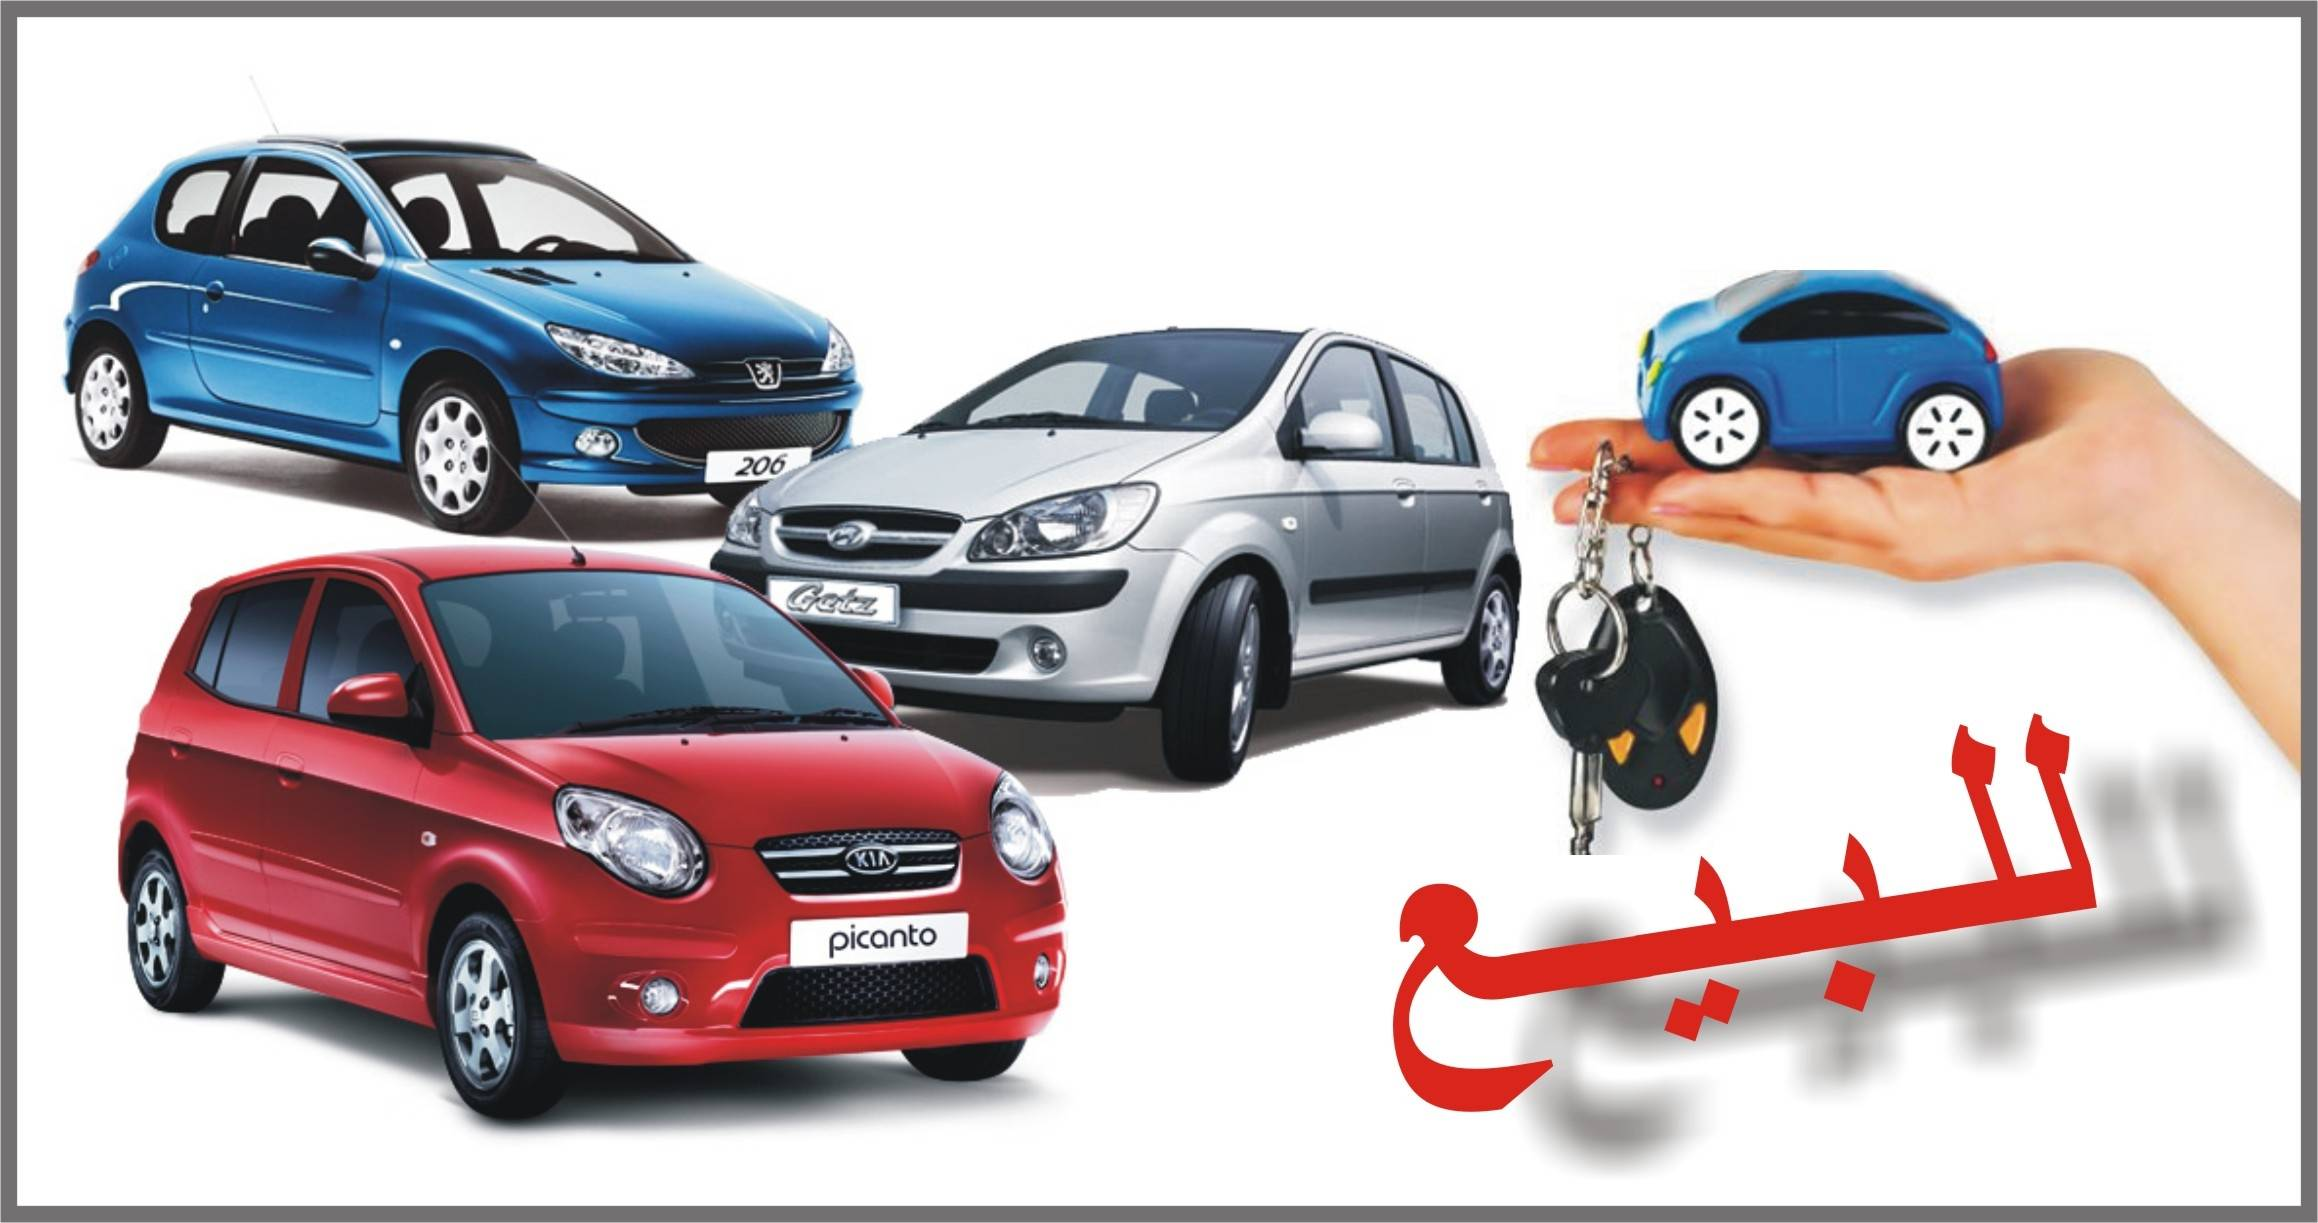 هل يشهد سوق السيارات انخفاض فى الاسعار فى يناير 2020  ؟ الاجابة .....نعم